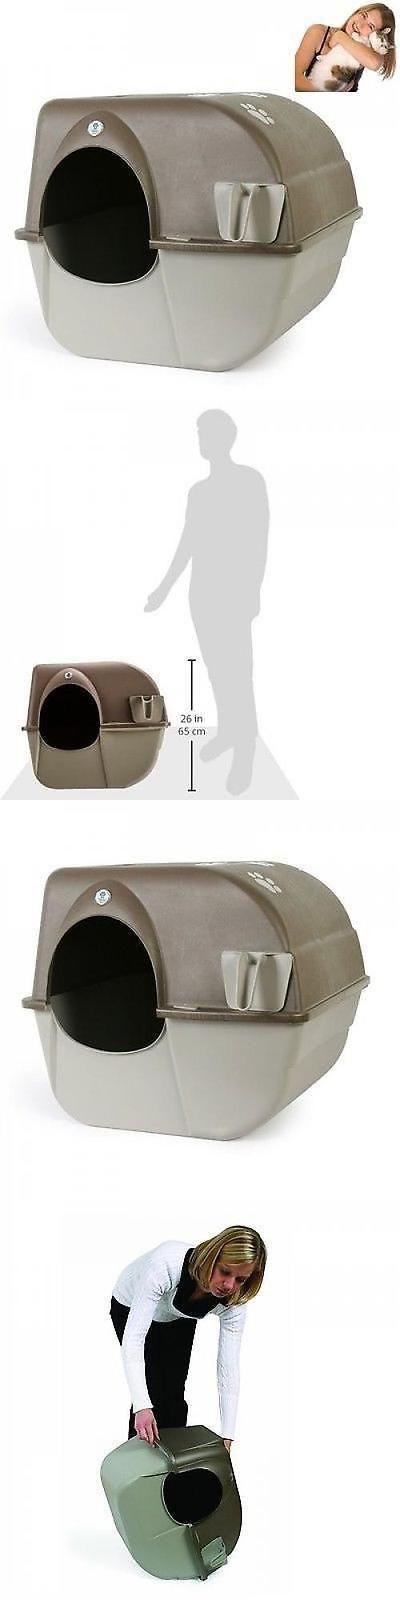 17 Best Ideas About Cat Litter Boxes On Pinterest Cat